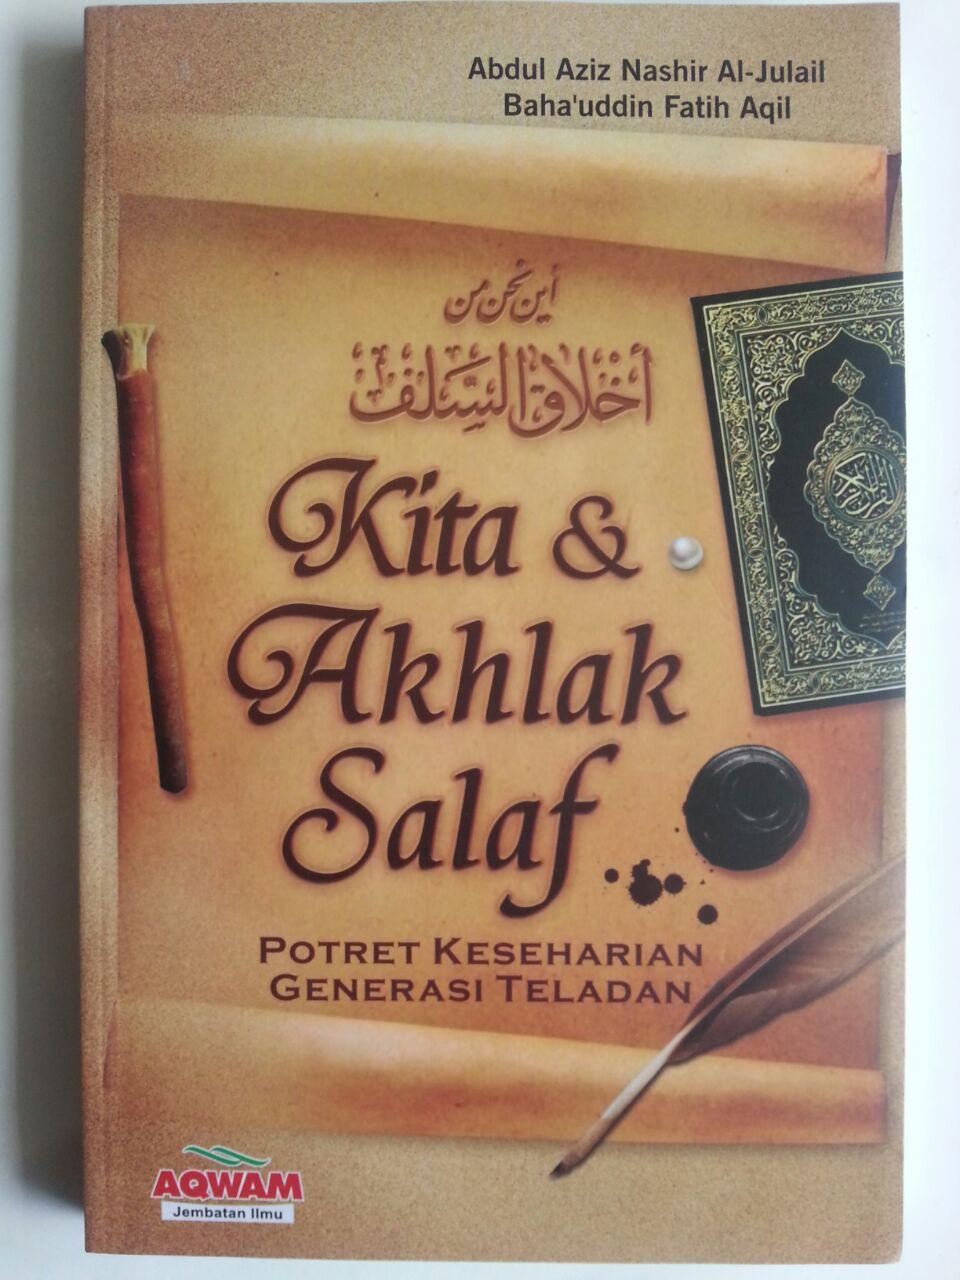 Buku Kita Dan Akhlak Salaf Potret Keseharian Generasi Teladan cover 2